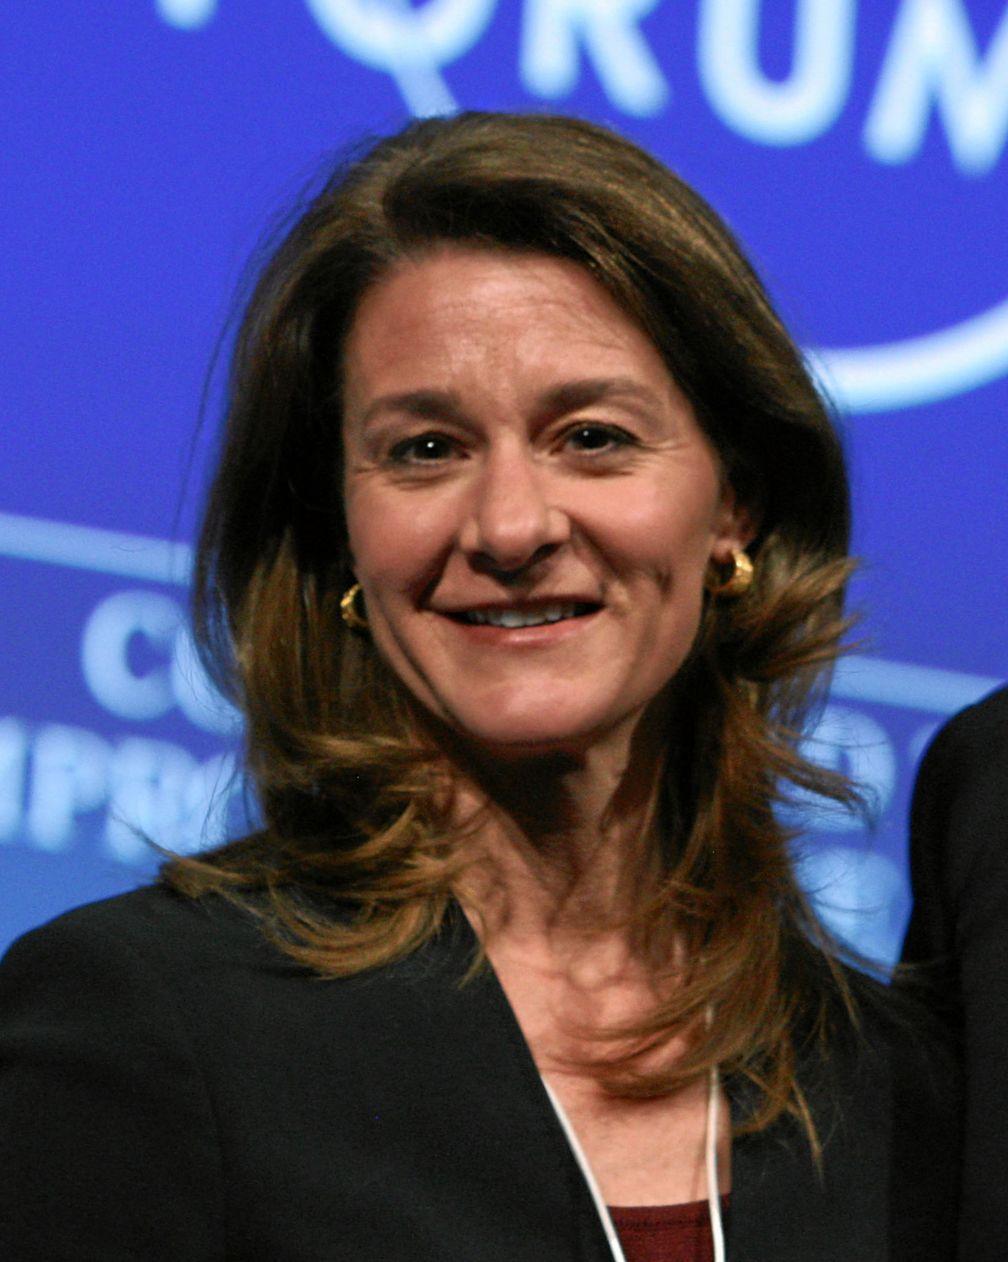 Melinda Gates 2011 in Davos